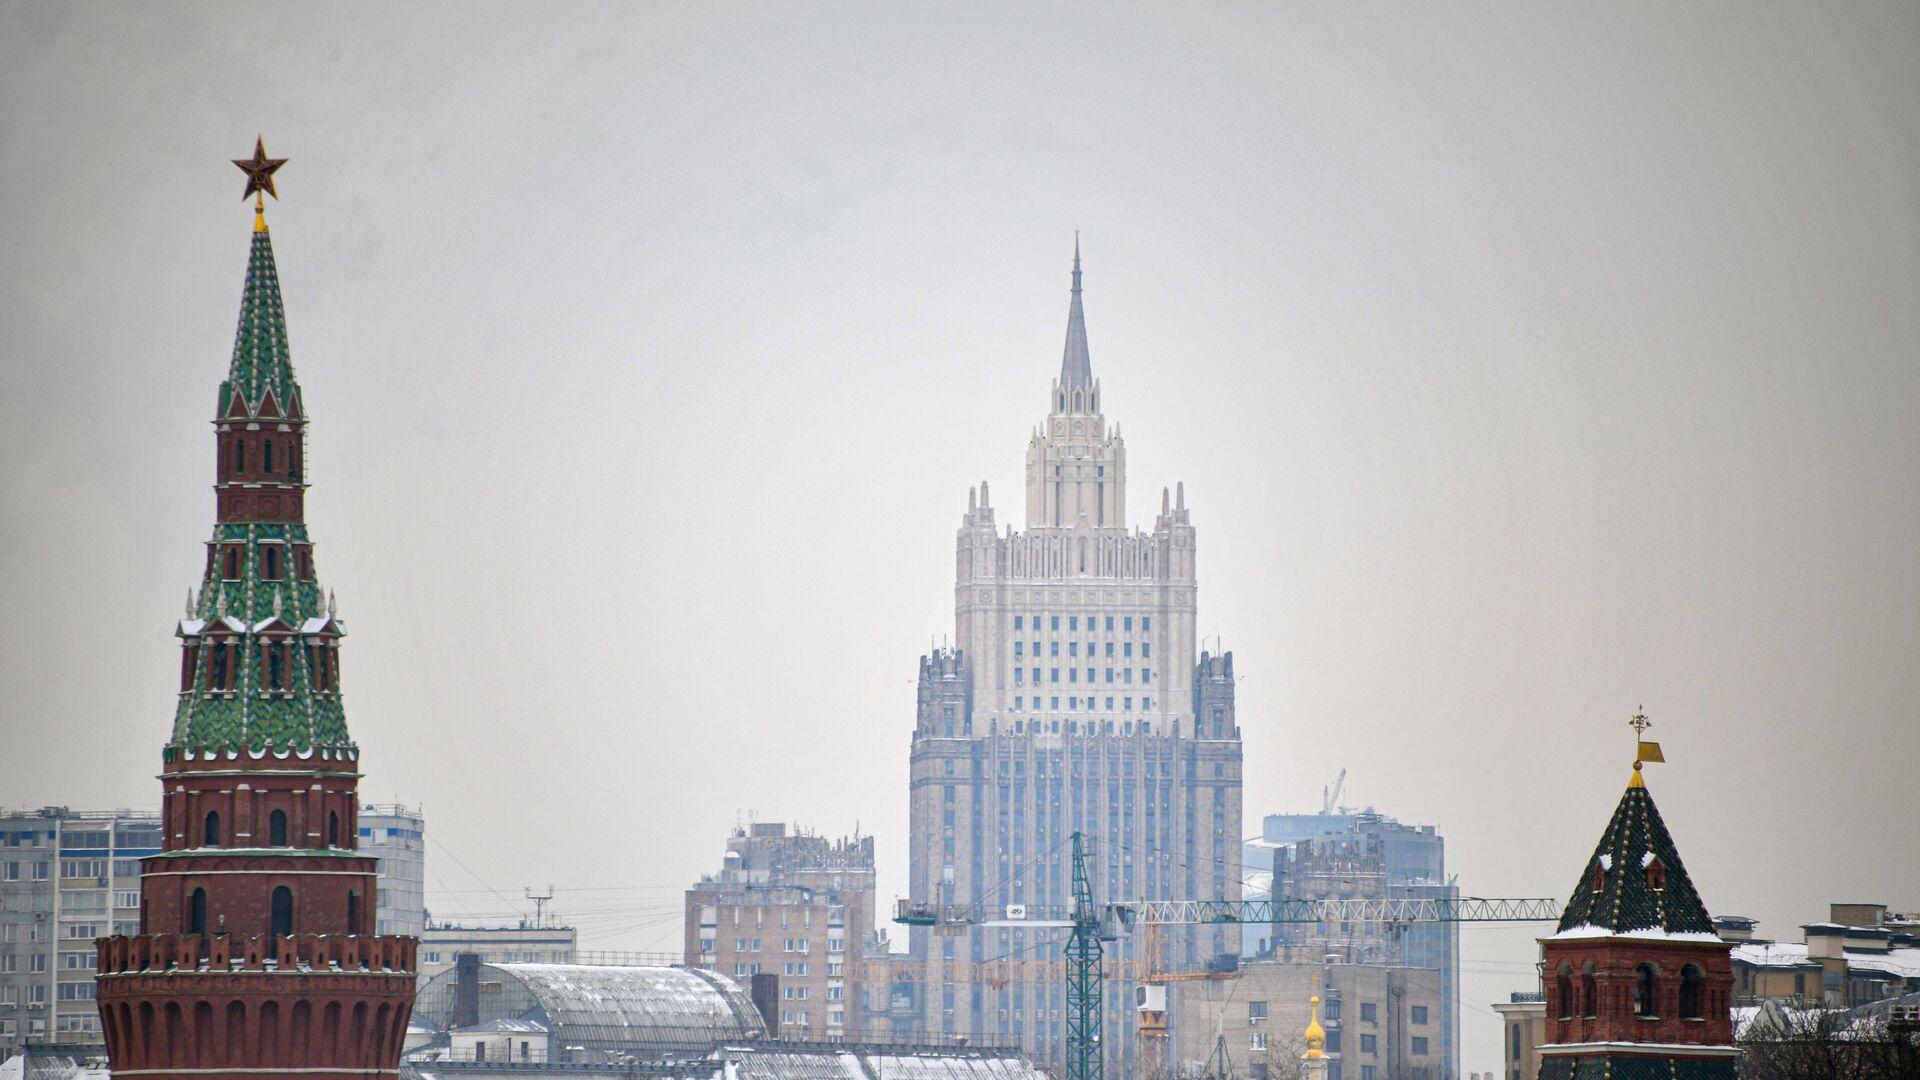 Москва, Кремљ, зграда Министарства спољних послова Русије - Sputnik Србија, 1920, 22.09.2021